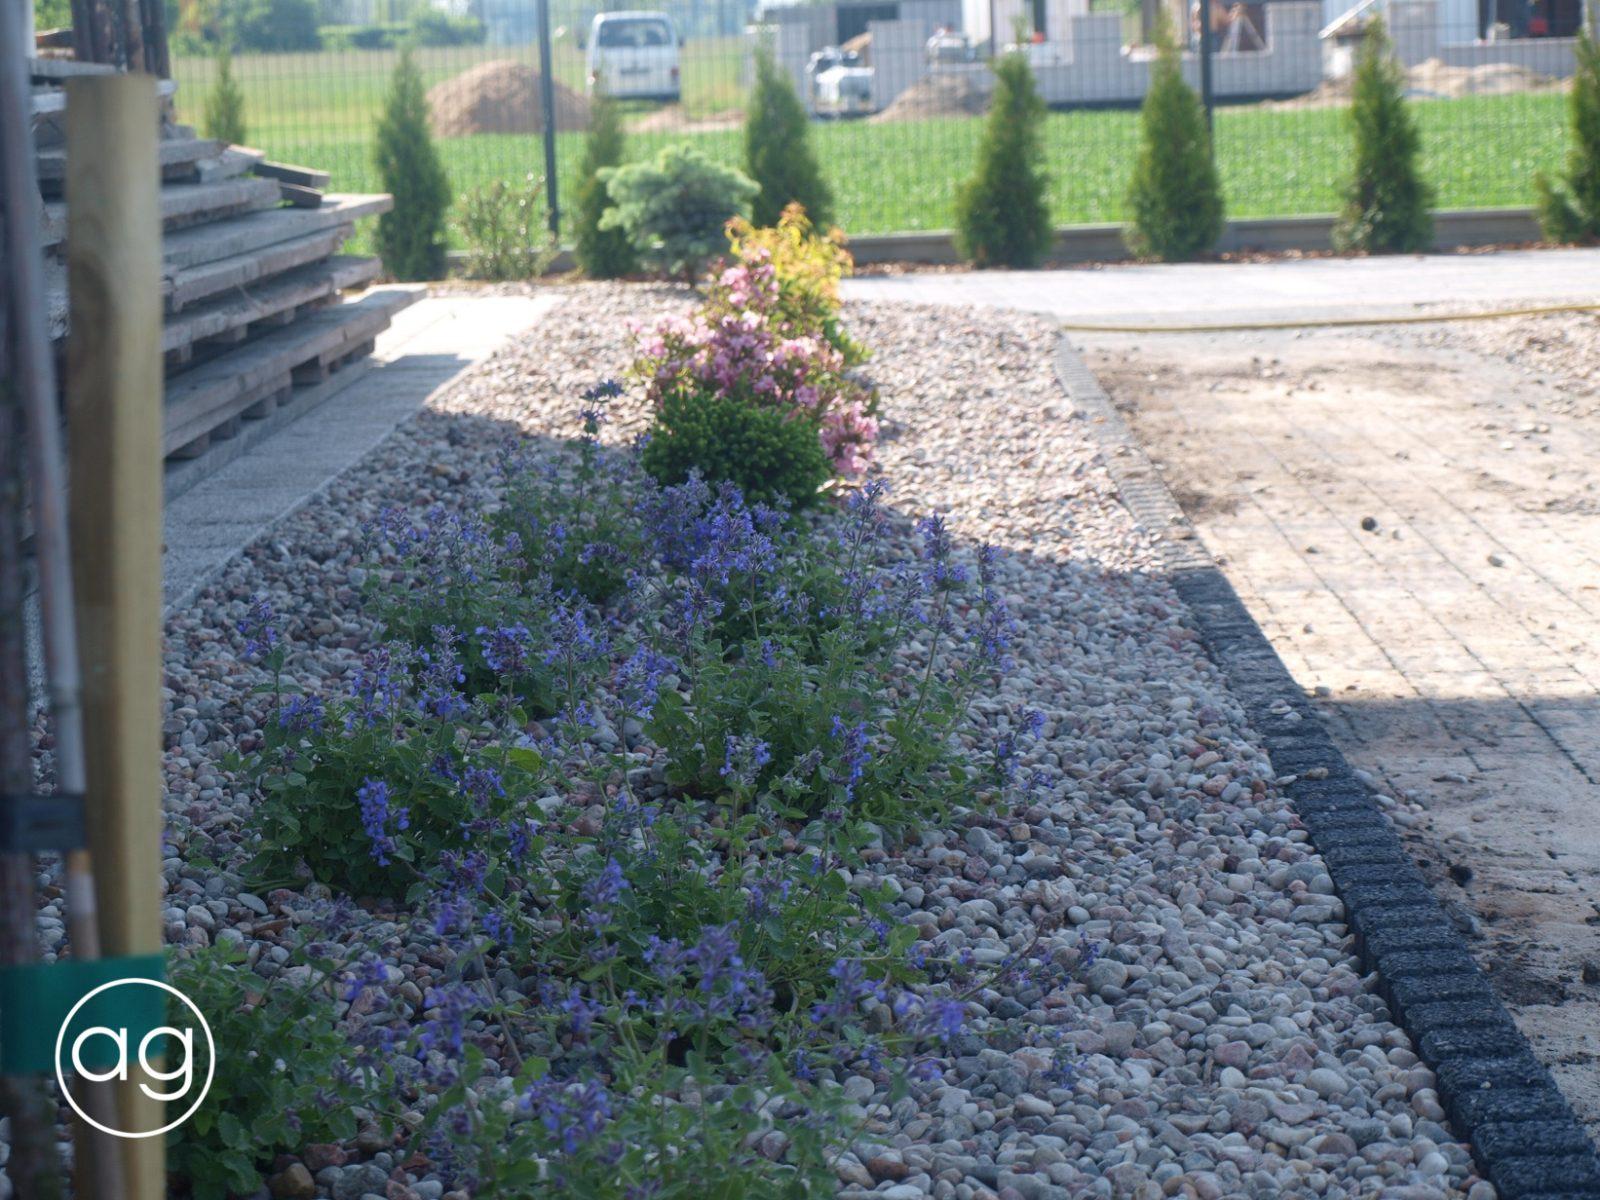 projektowanie ogrodów, ogród wZłotorii, Agnieszka Gertner, agnieszkagertnerblog, nagotowo